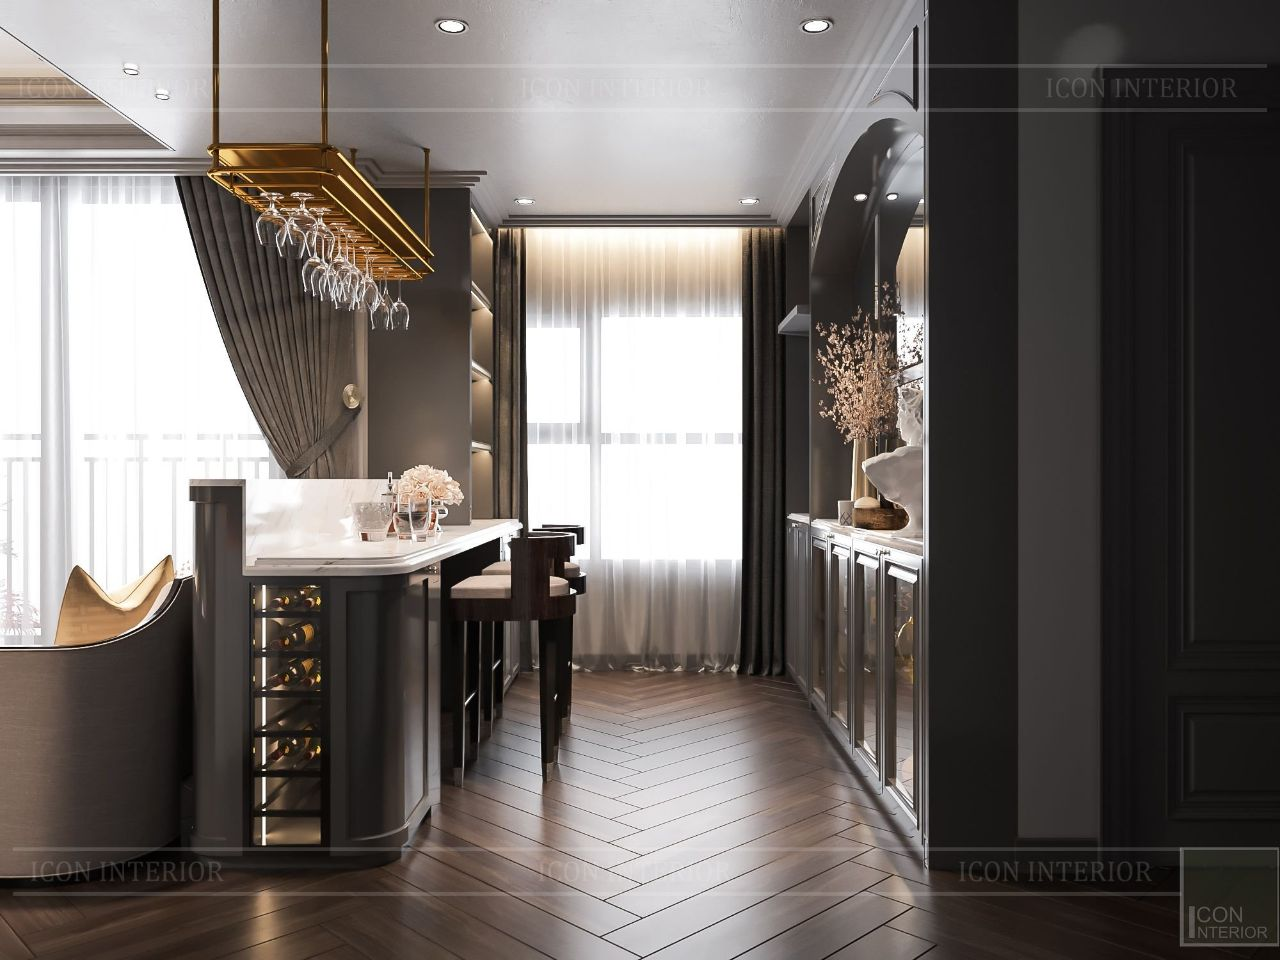 thiết kế phòng bếp nội thất căn hộ 2 phòng ngủ